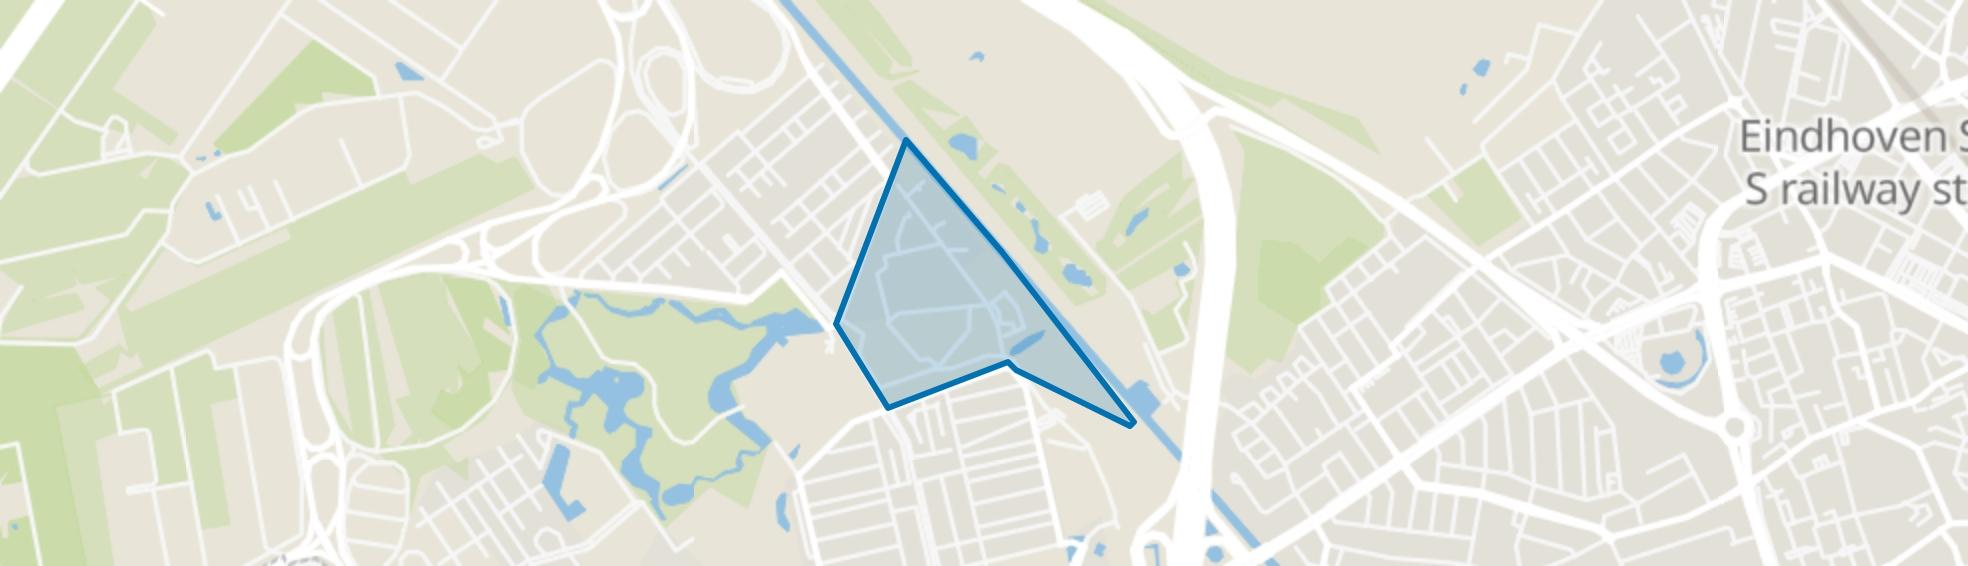 Bosrijk, Eindhoven map